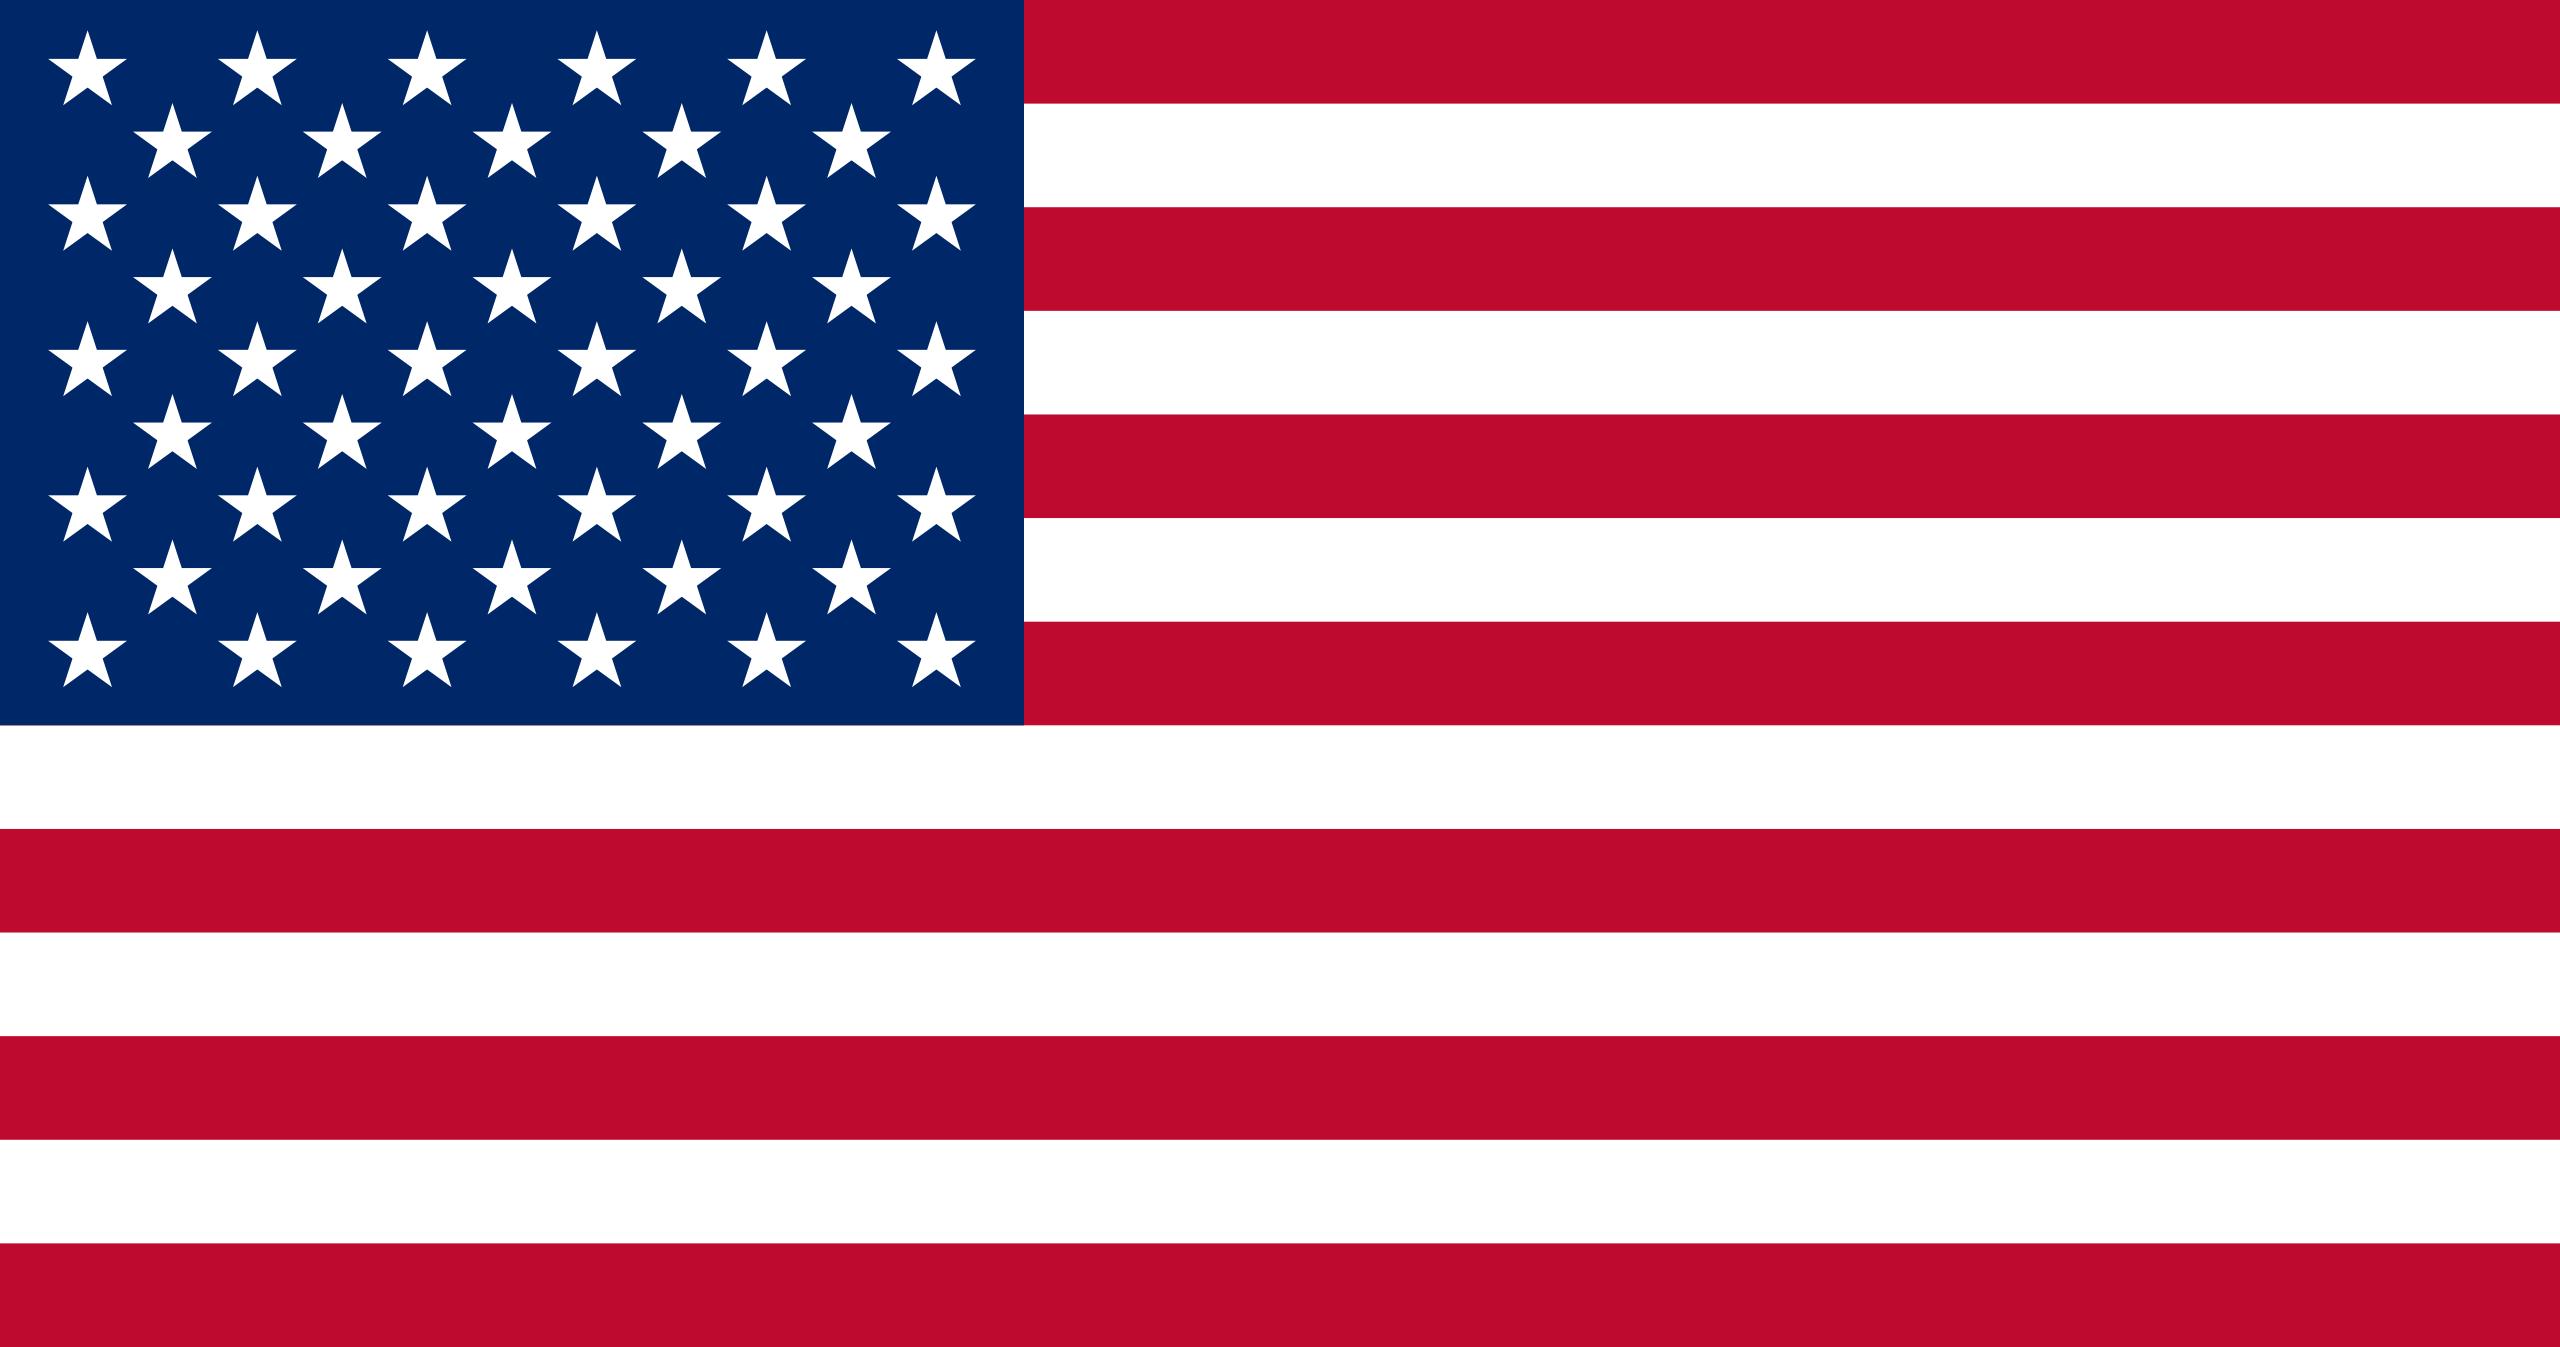 Estados Unidos Bandera Png Bandera-estados-unidos.png